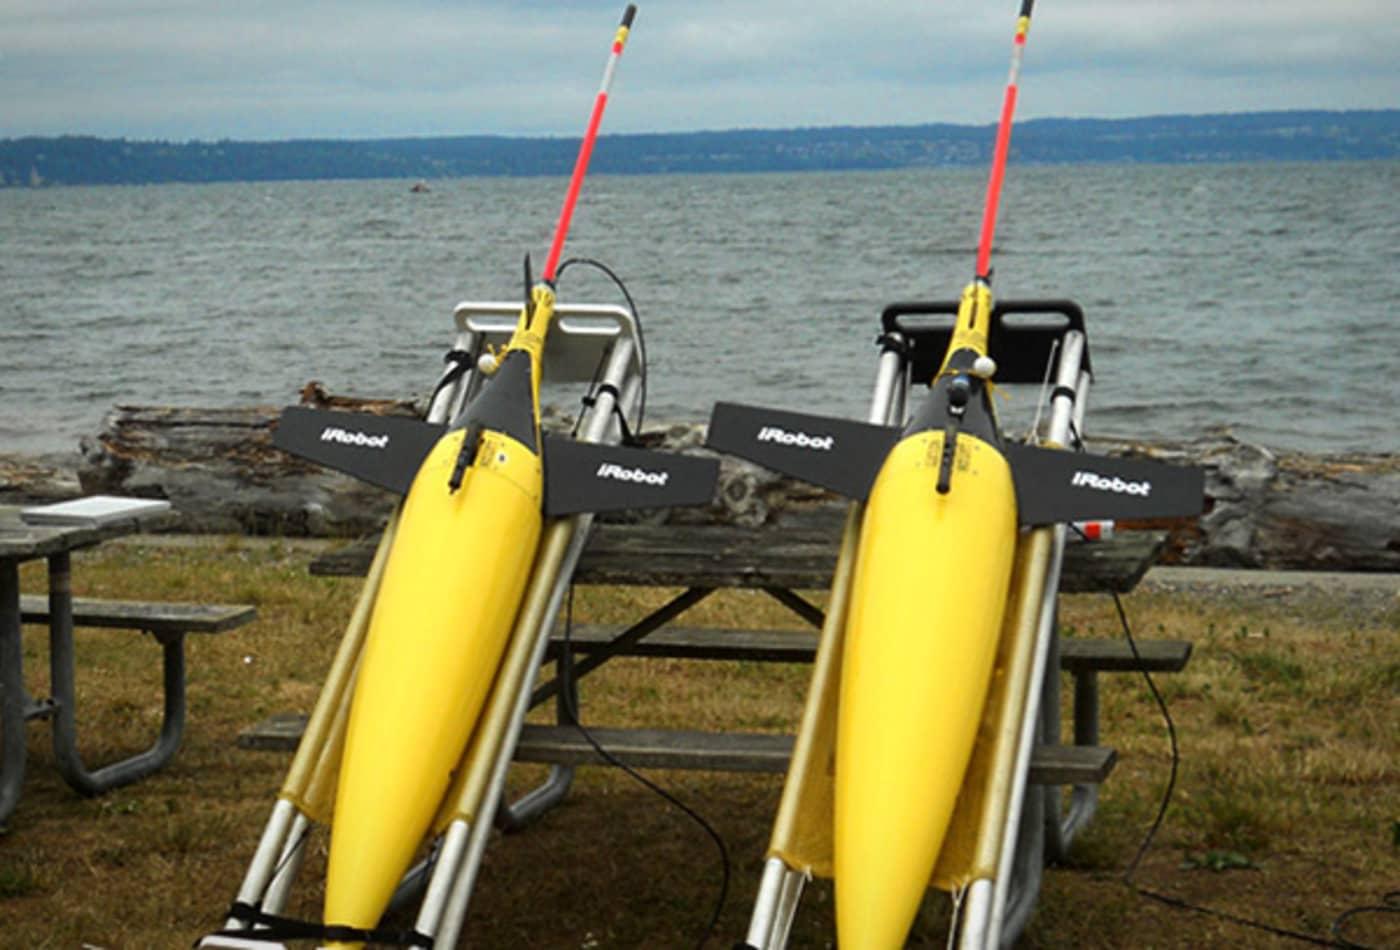 BYB-trends-in-robots-i-robot-sea-glider-slide-5.jpg